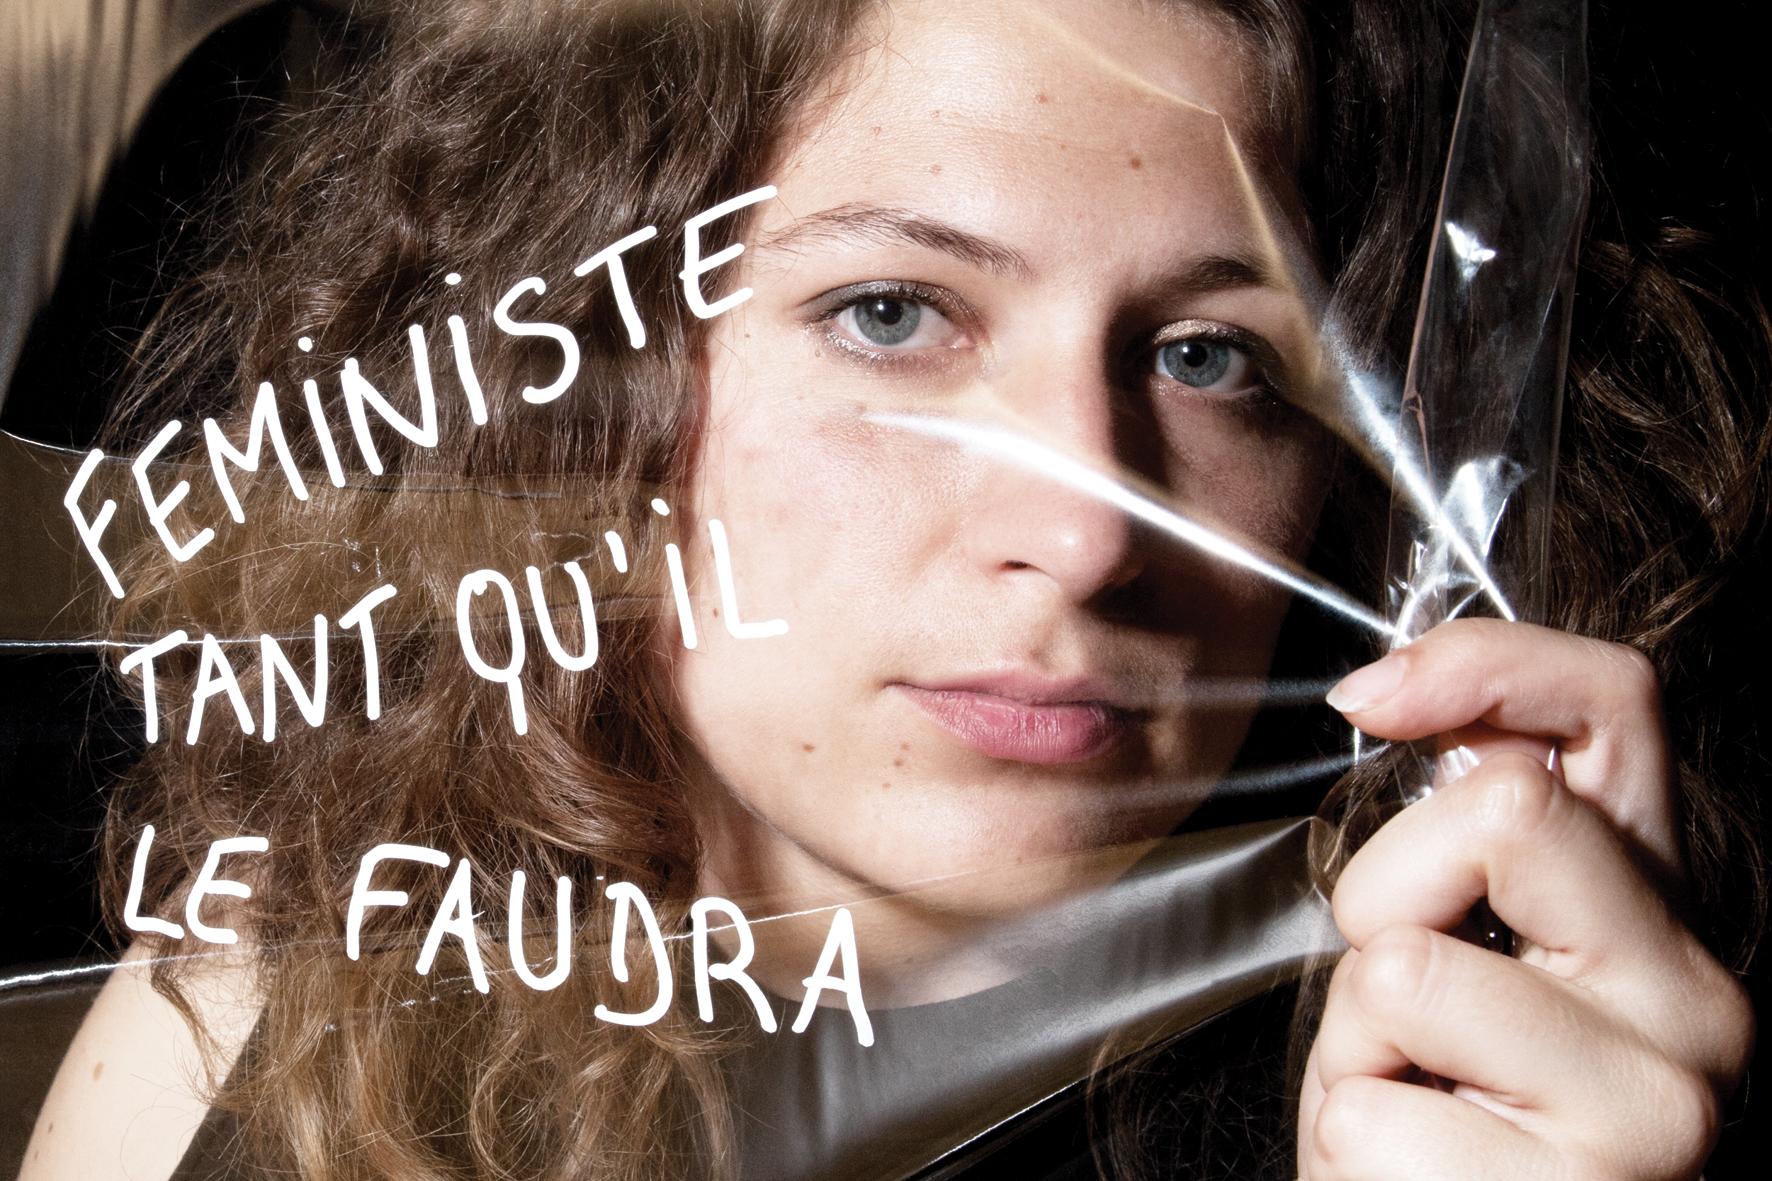 """Marilou Chauvrat, rédactrice en chef du fanzine érotico féministe Galante. """"Féministe, tant qu'il le faudra"""". slogan de Marilou Chauvrat. © PORTRAIT-PAROLE 2016."""